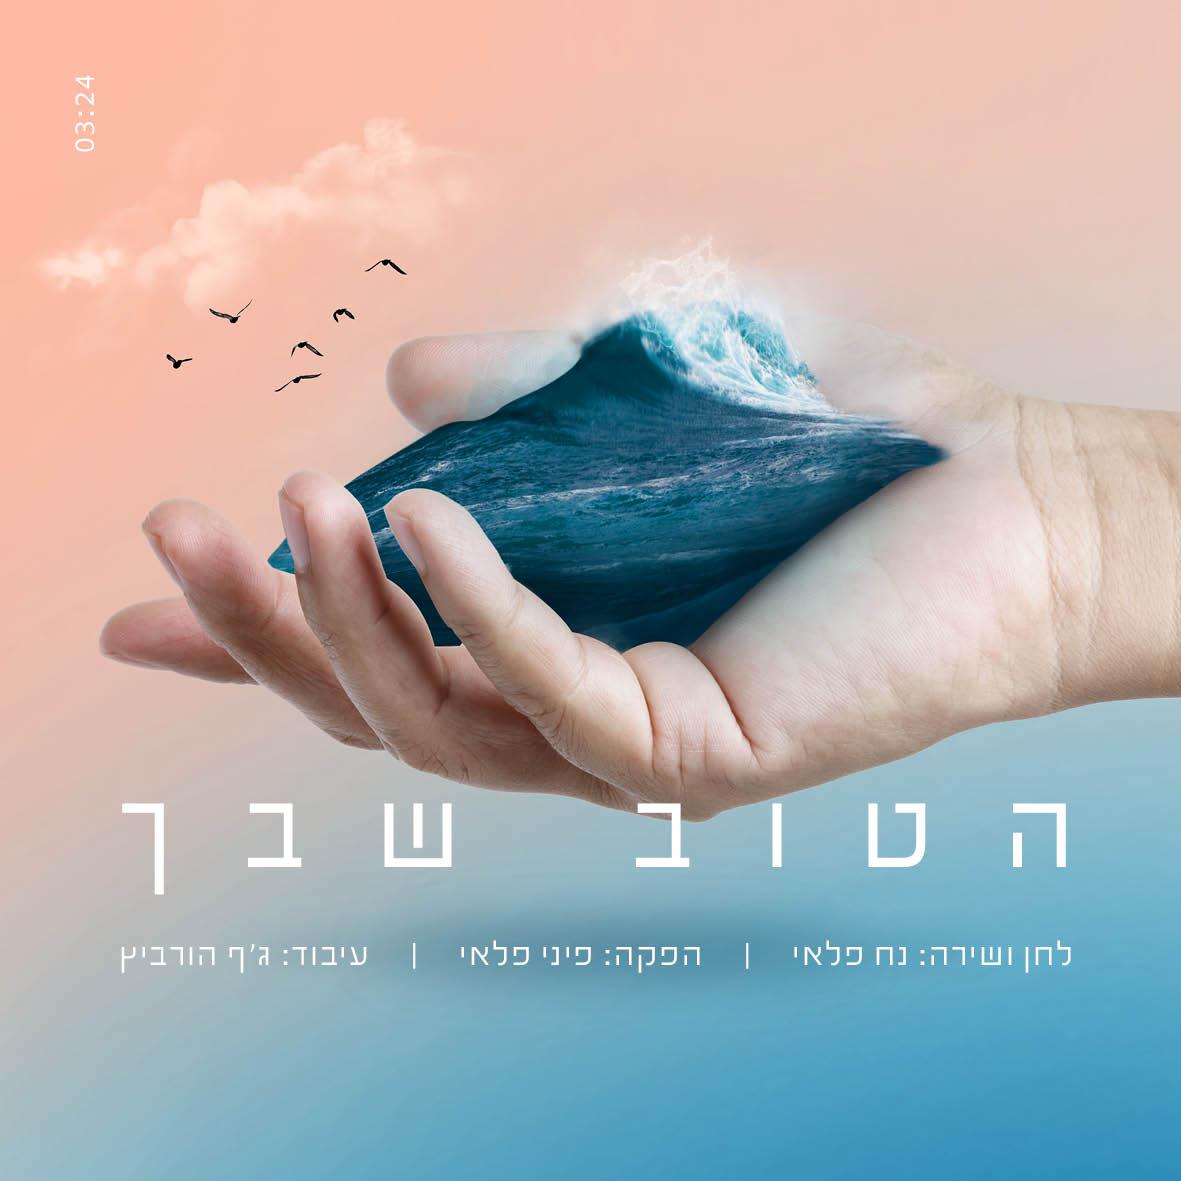 ר' נח פלאי בסינגל חדש: 'לא חייב לך כלום' 11